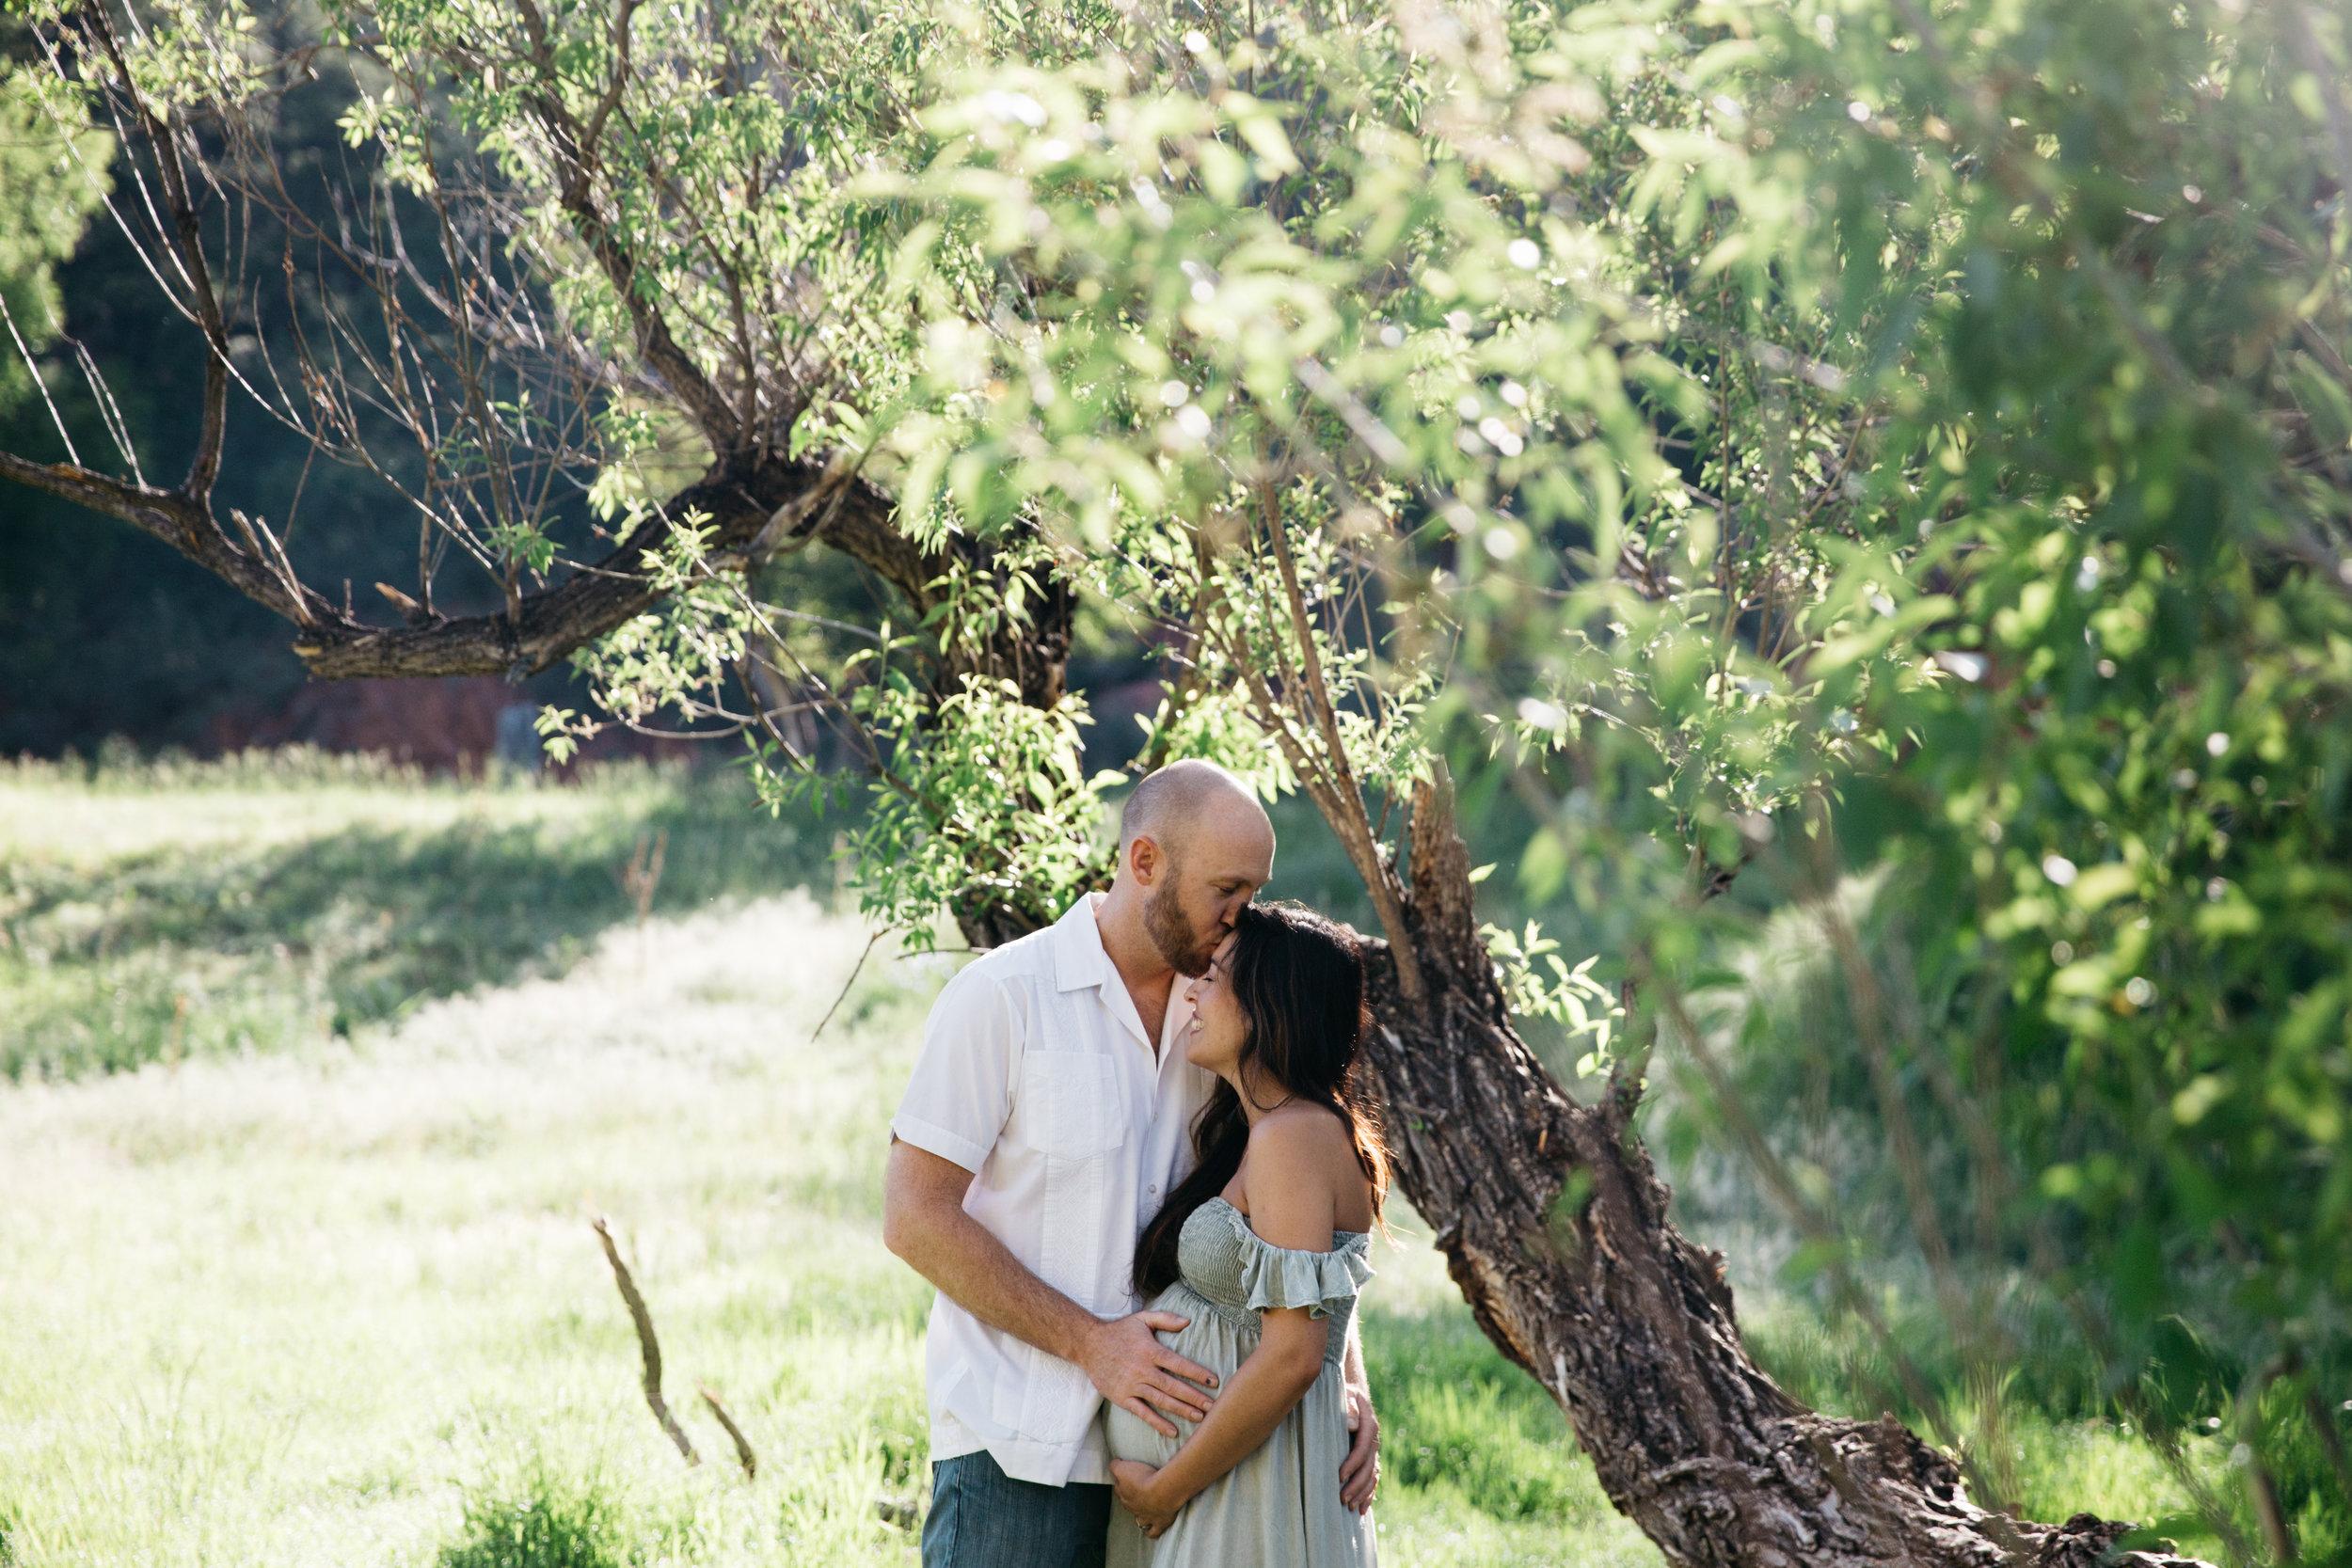 colorado-springs-maternity-photographer-25.jpg